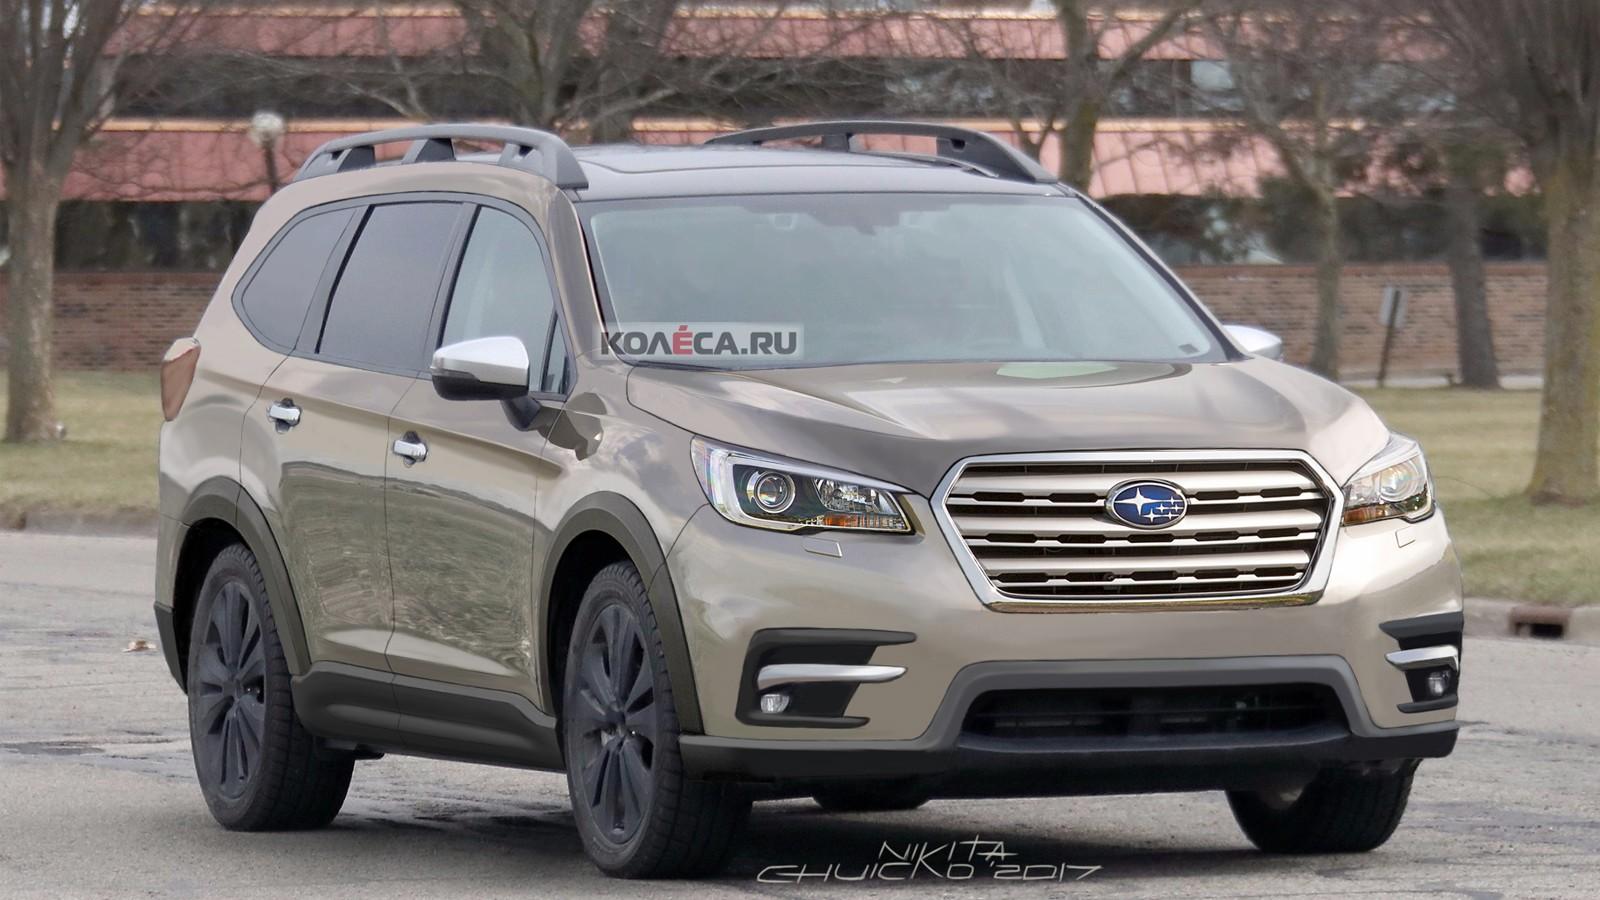 Subaru SUV front